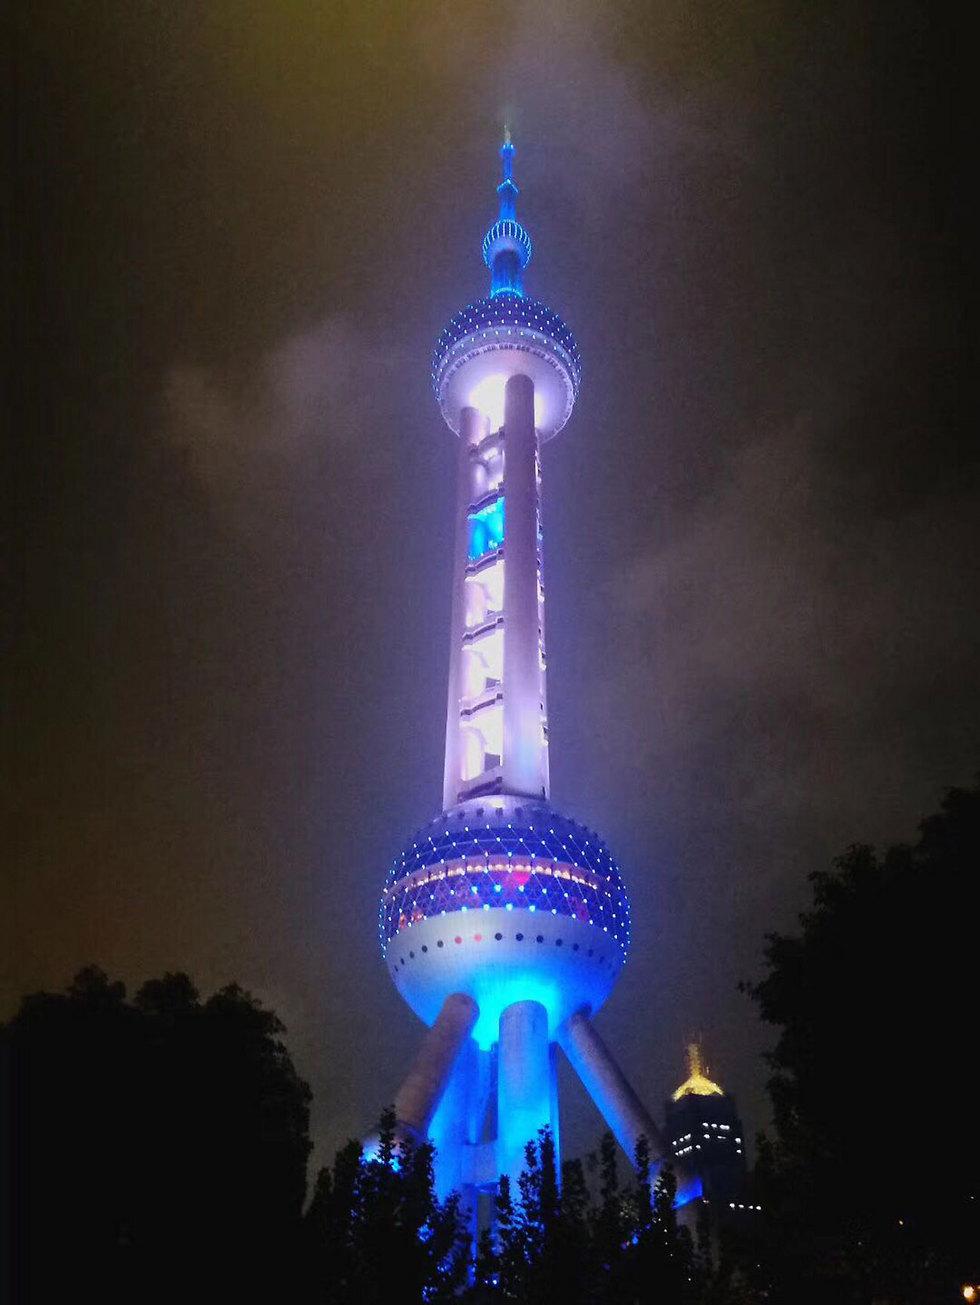 המחווה לישראל במגדל המפורסם בשנגחאי ()